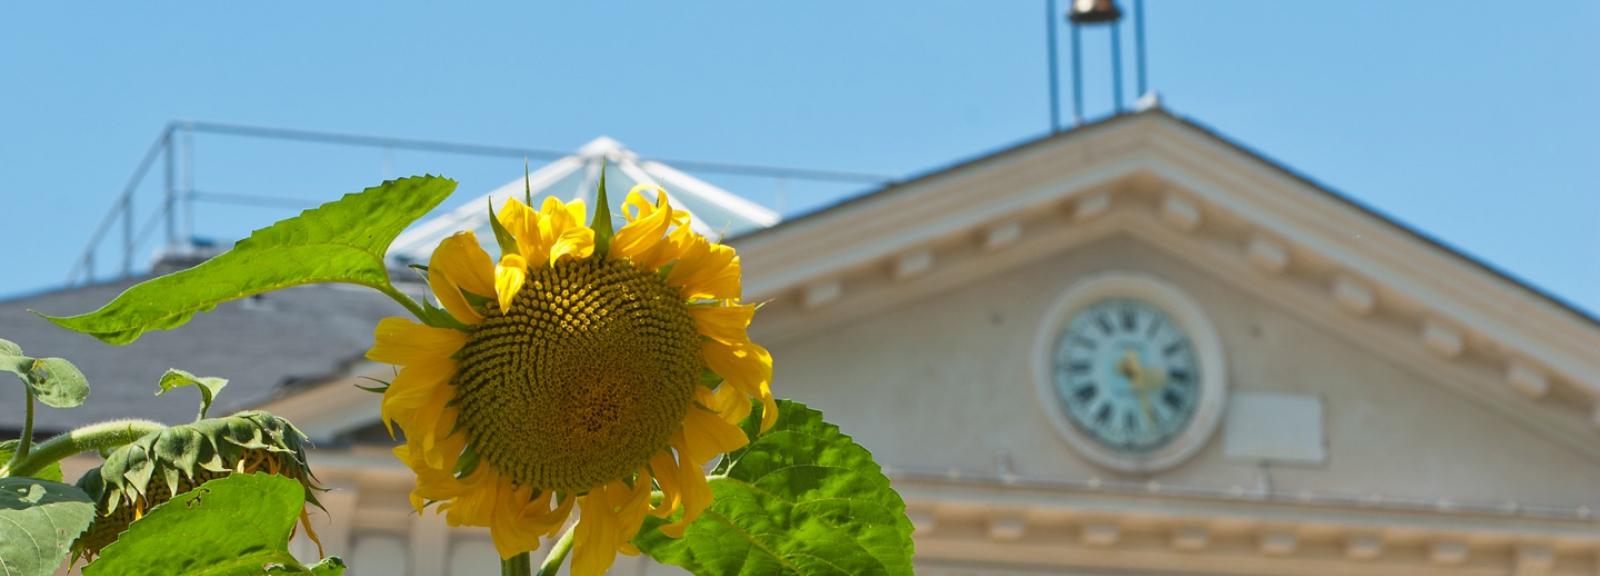 Jardin des Plantes - Grand Amphithéâtre du Muséum © MNHN - Patrick Lafaite